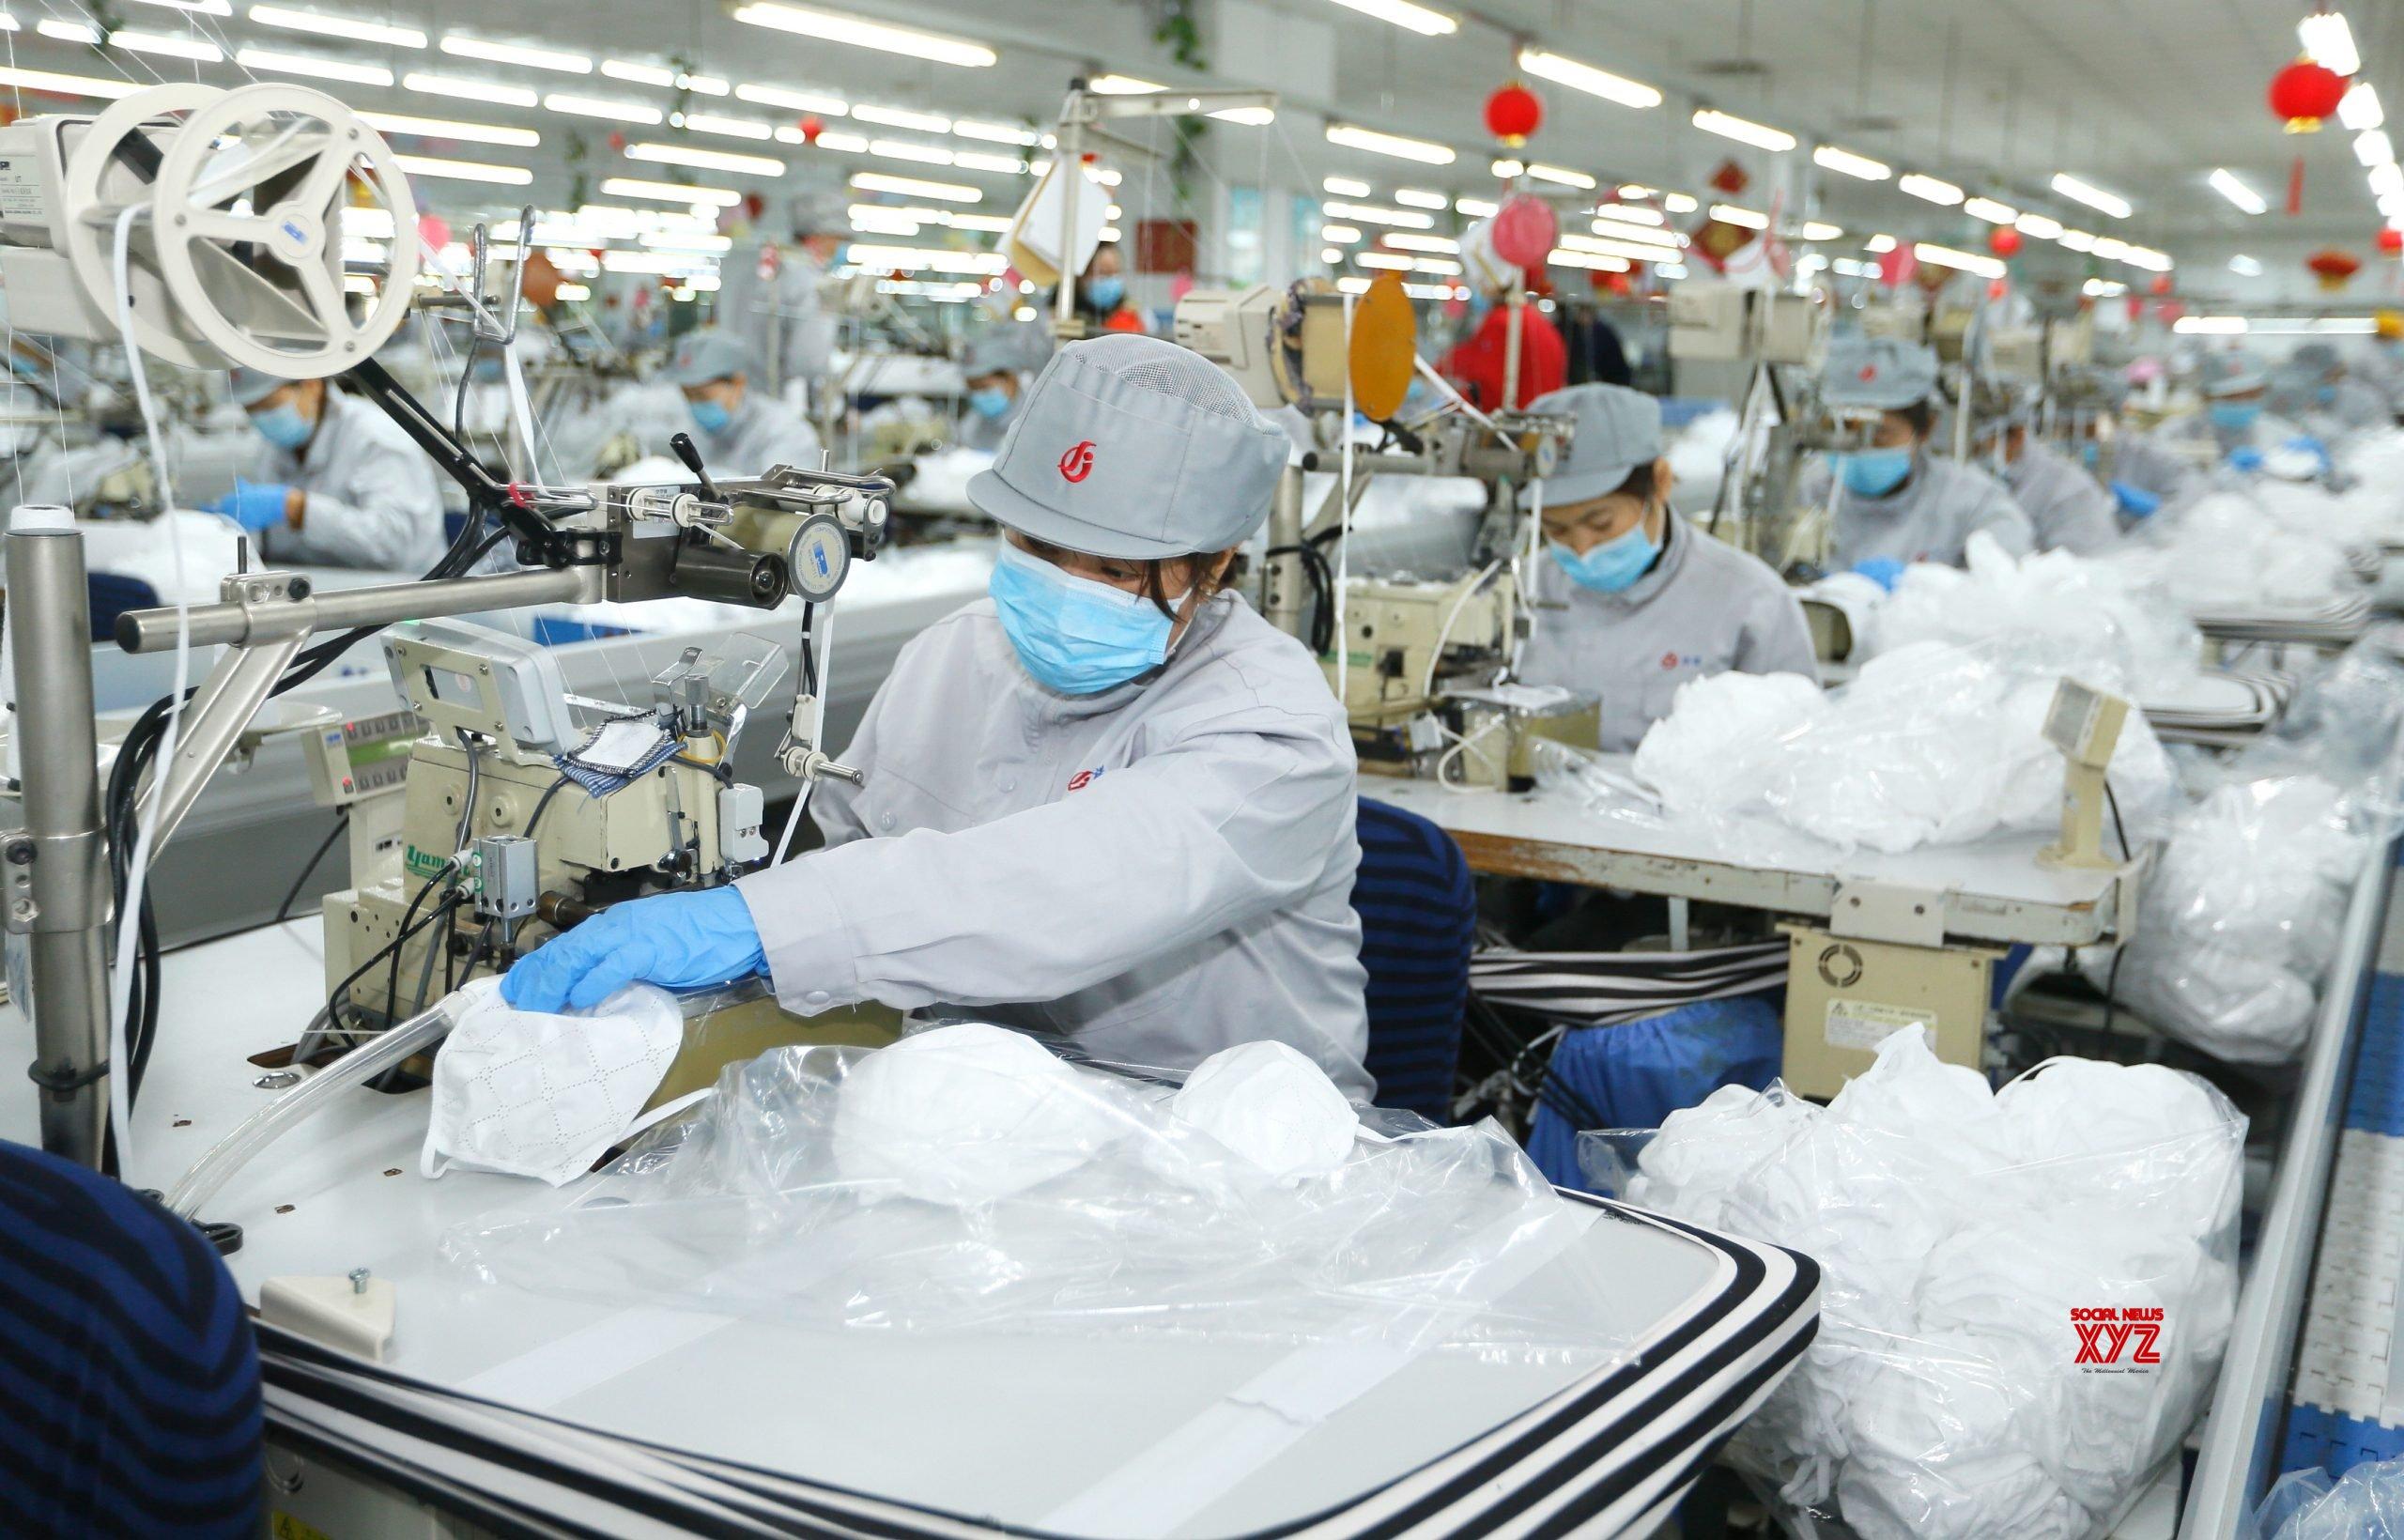 Coronavirus toll in China increases to 1,523